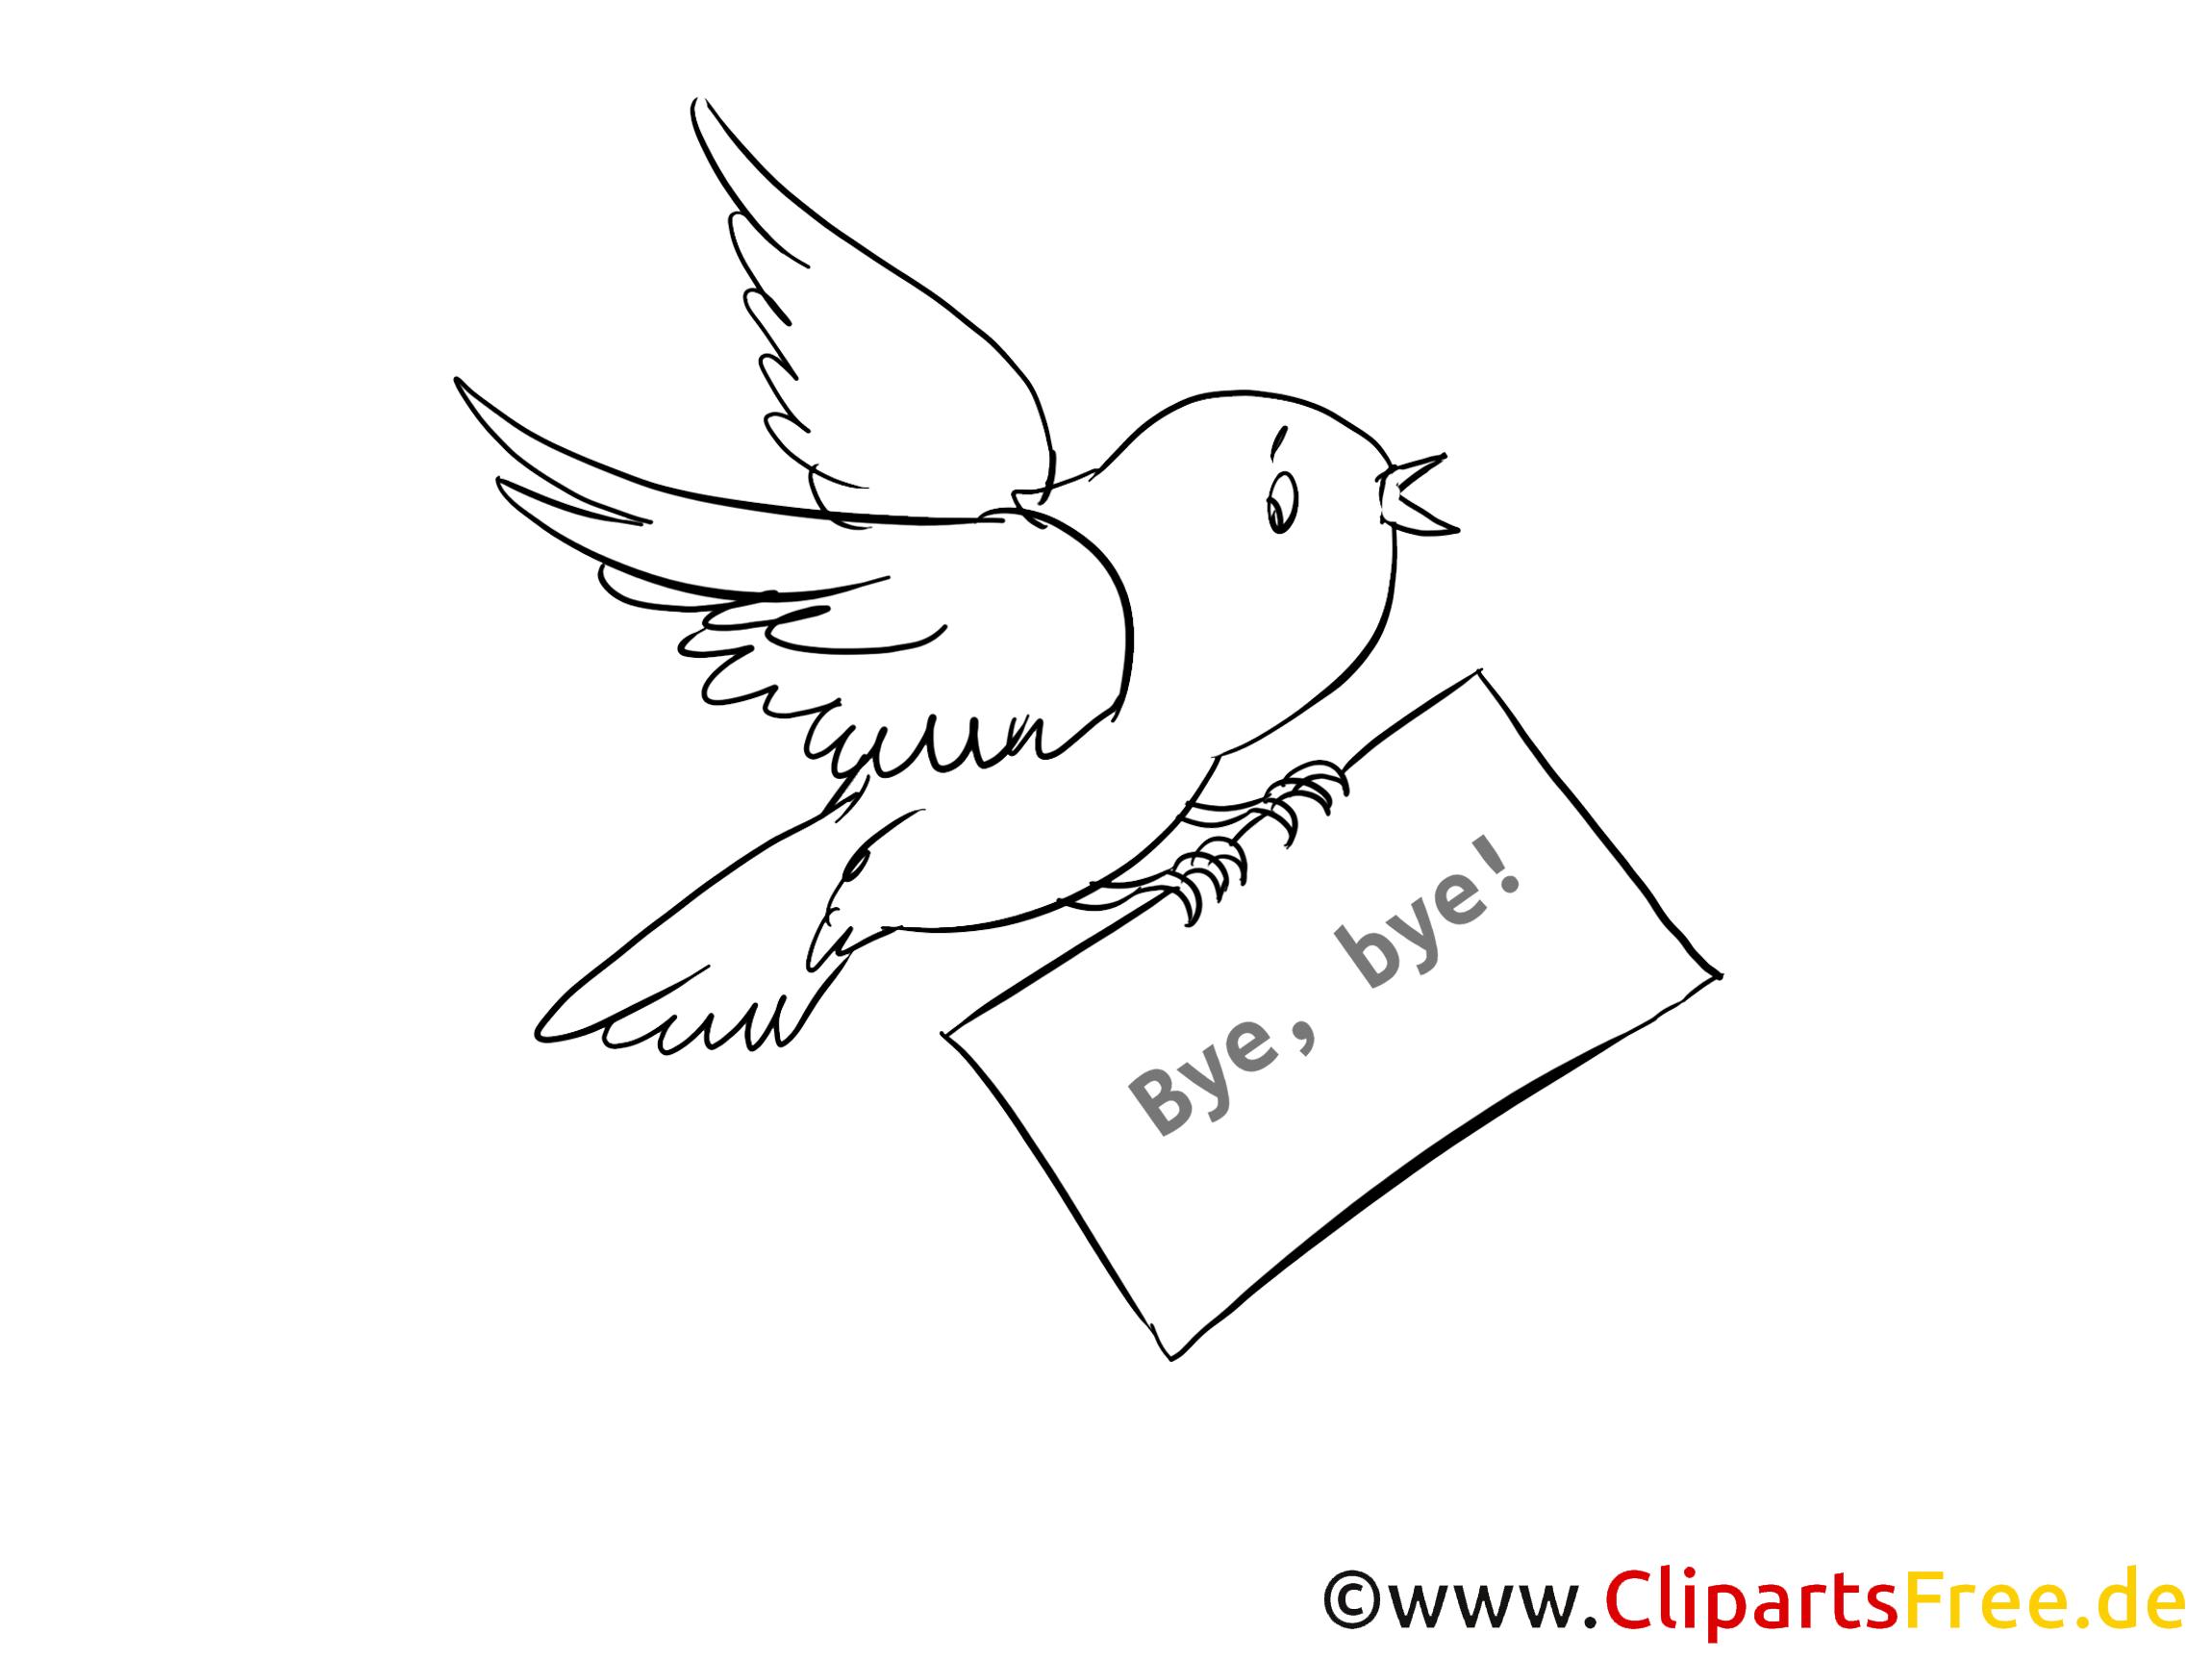 Vogel Bild Zum Ausmalen Kostenlos verwandt mit Vogel Zum Ausmalen